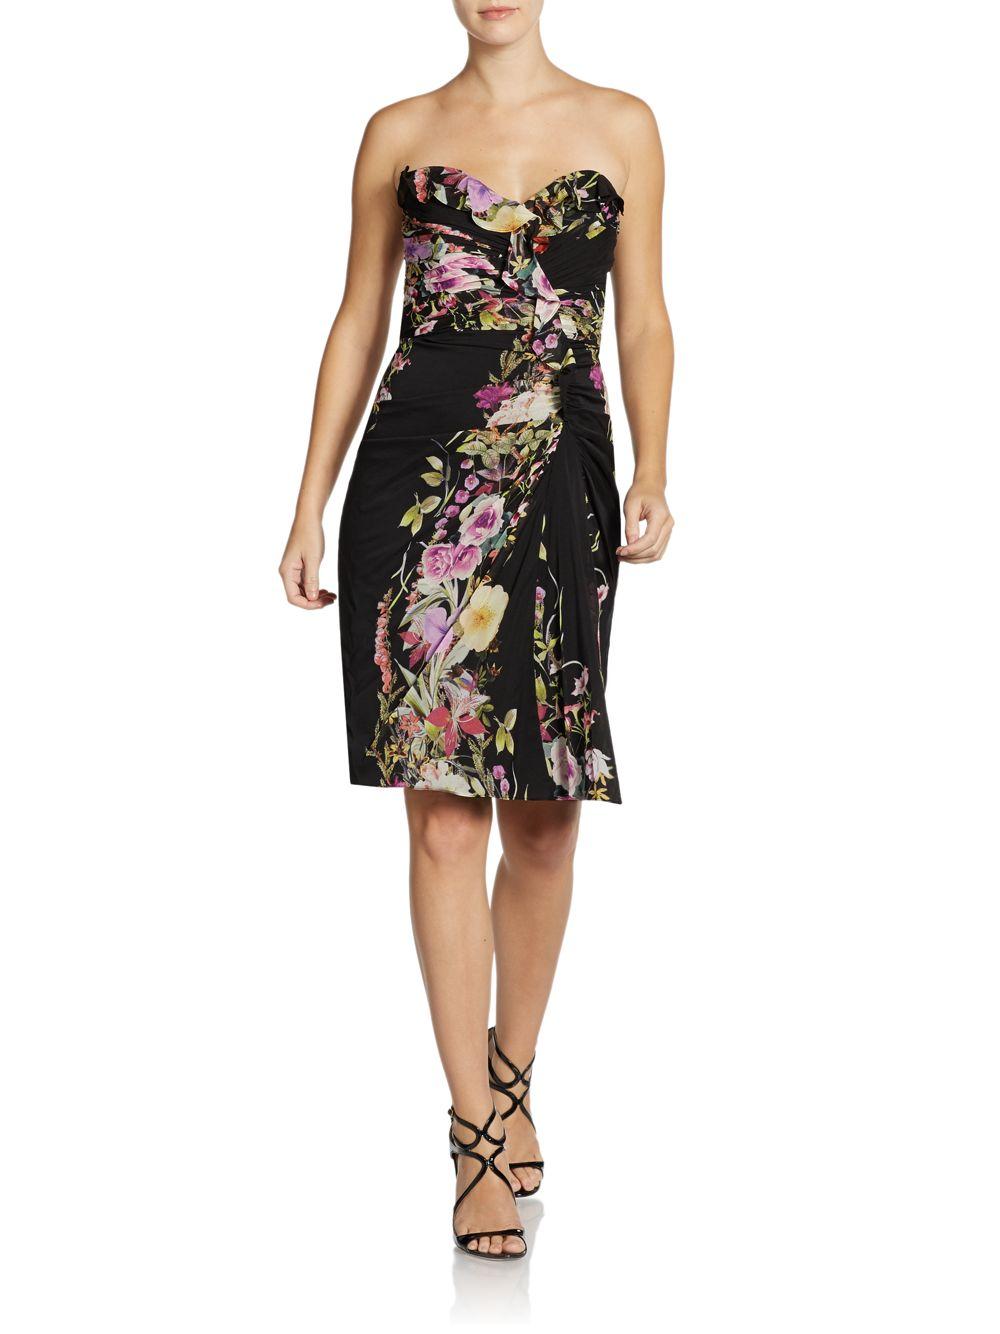 Badgley Mischka Strapless Silk Floral Cocktail Dress In